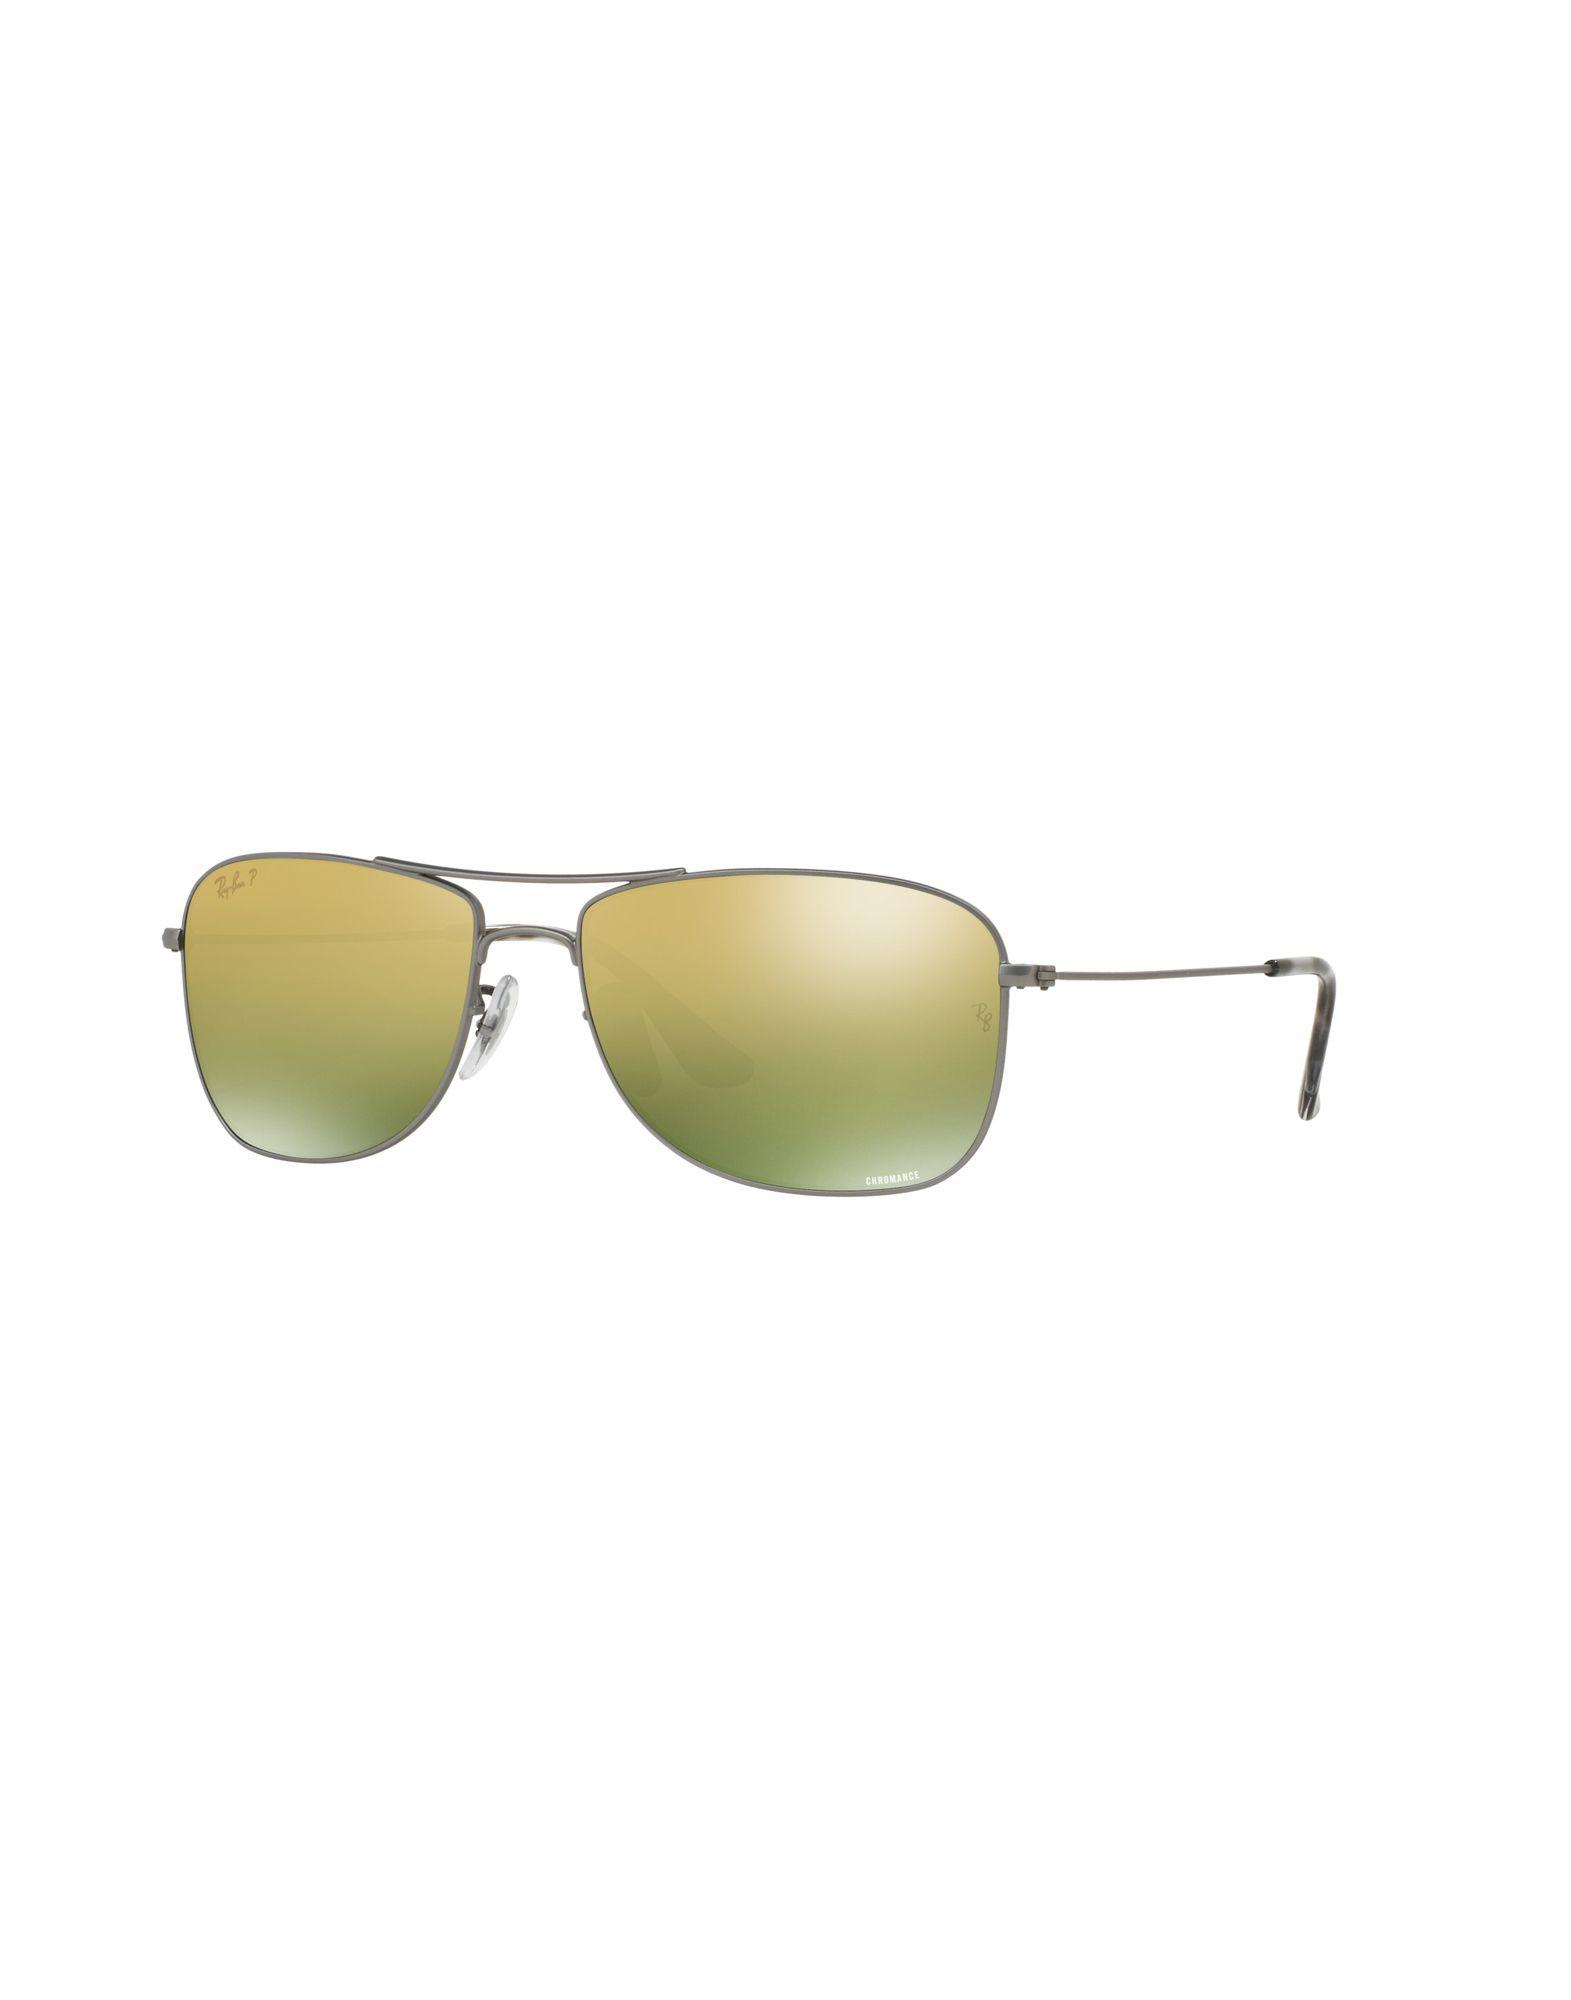 Occhiali Da Sole Ray-Ban Rb3543 - Uomo - Acquista online su